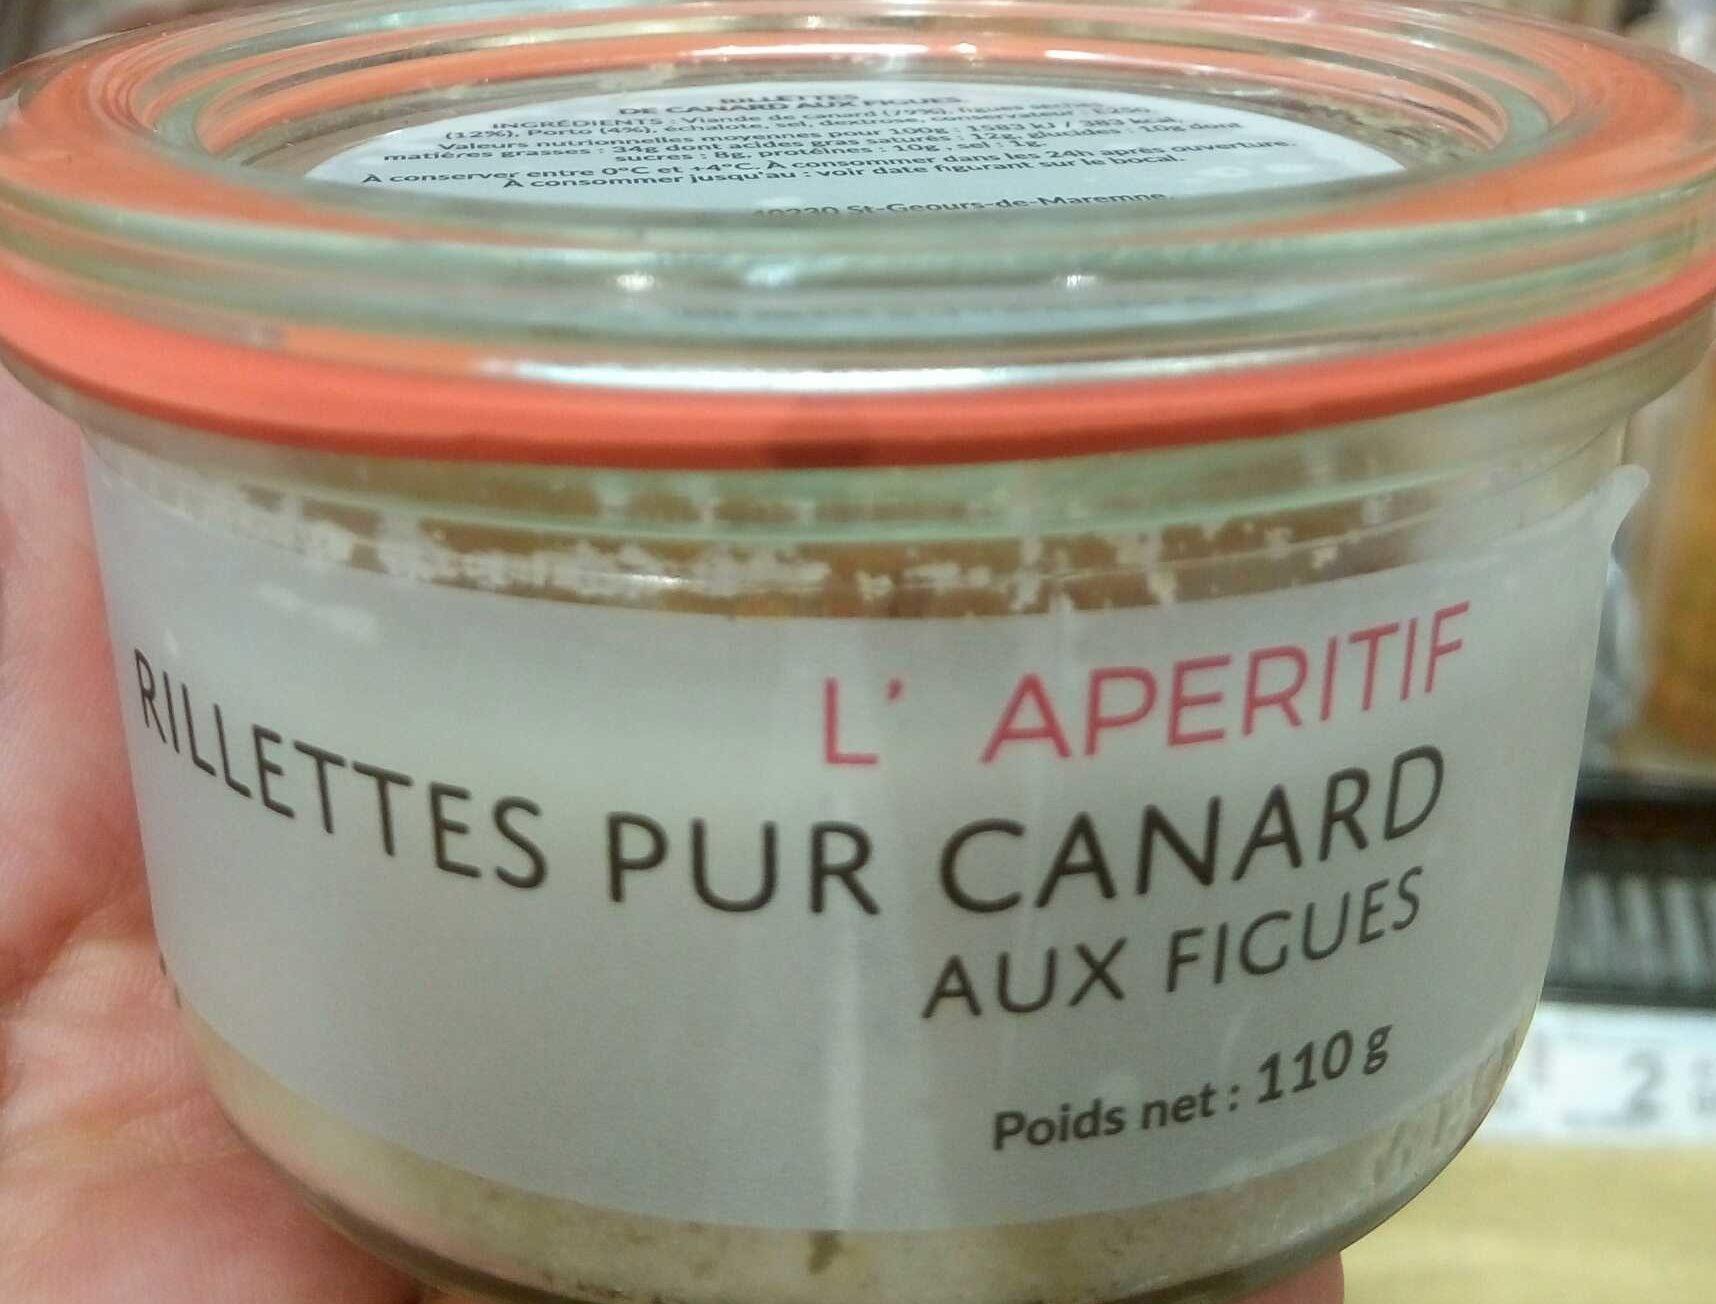 Rillettes pur canard aux figues - Produit